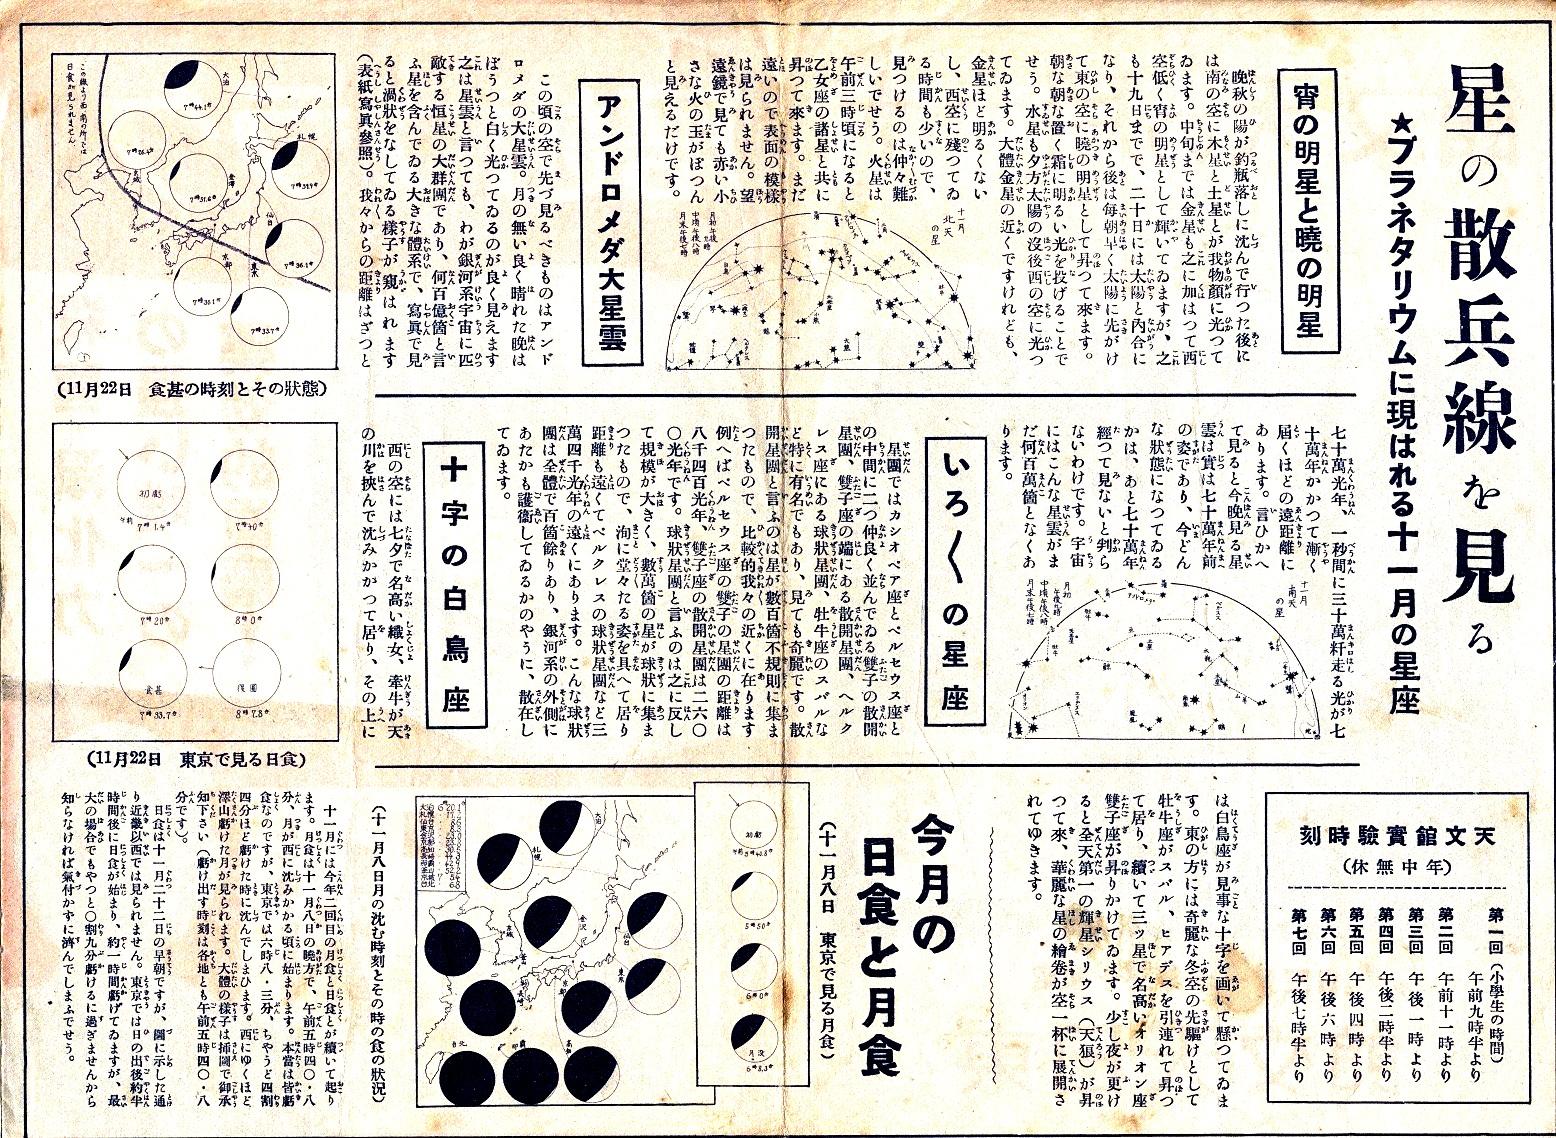 東日天文館パンフレット 006 (3).jpg